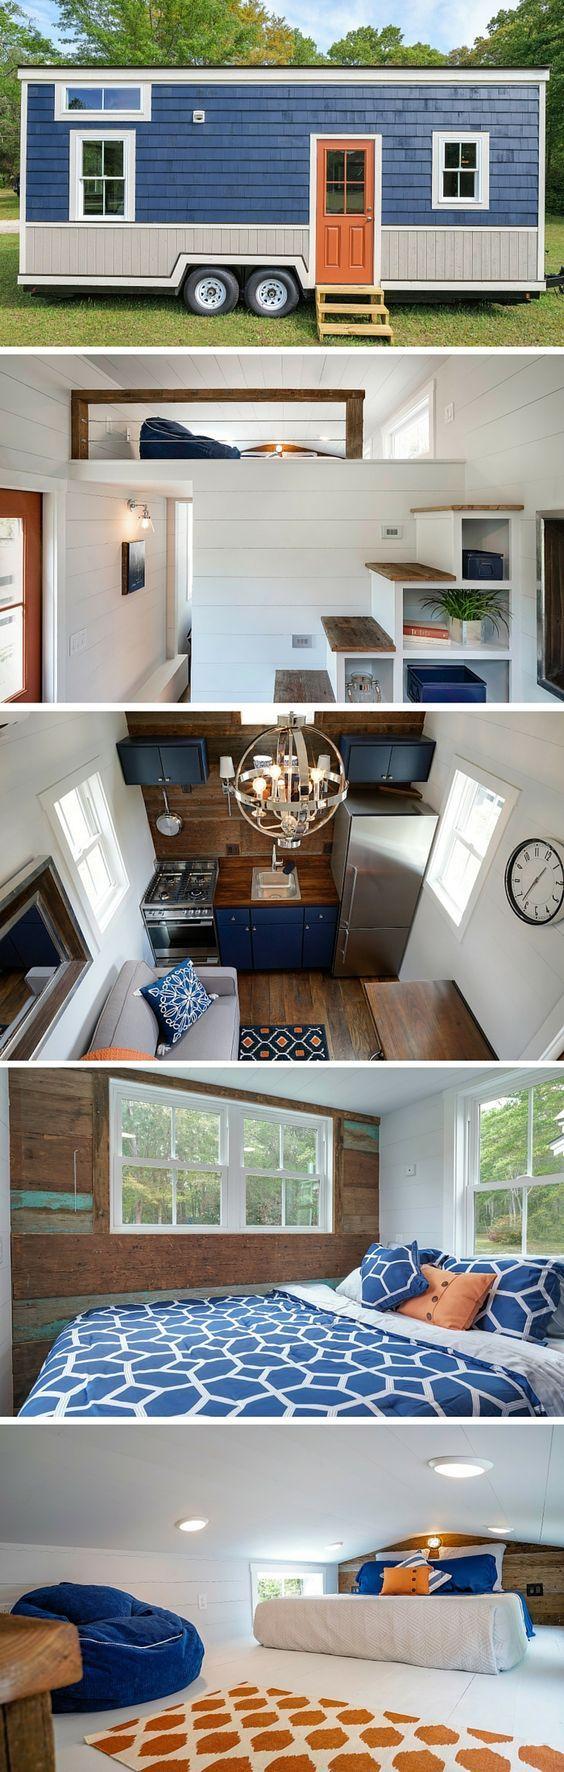 The Indigo tiny house, a 284-square-foot home. | Tiny House Living  | Indigo, Tiny House and House